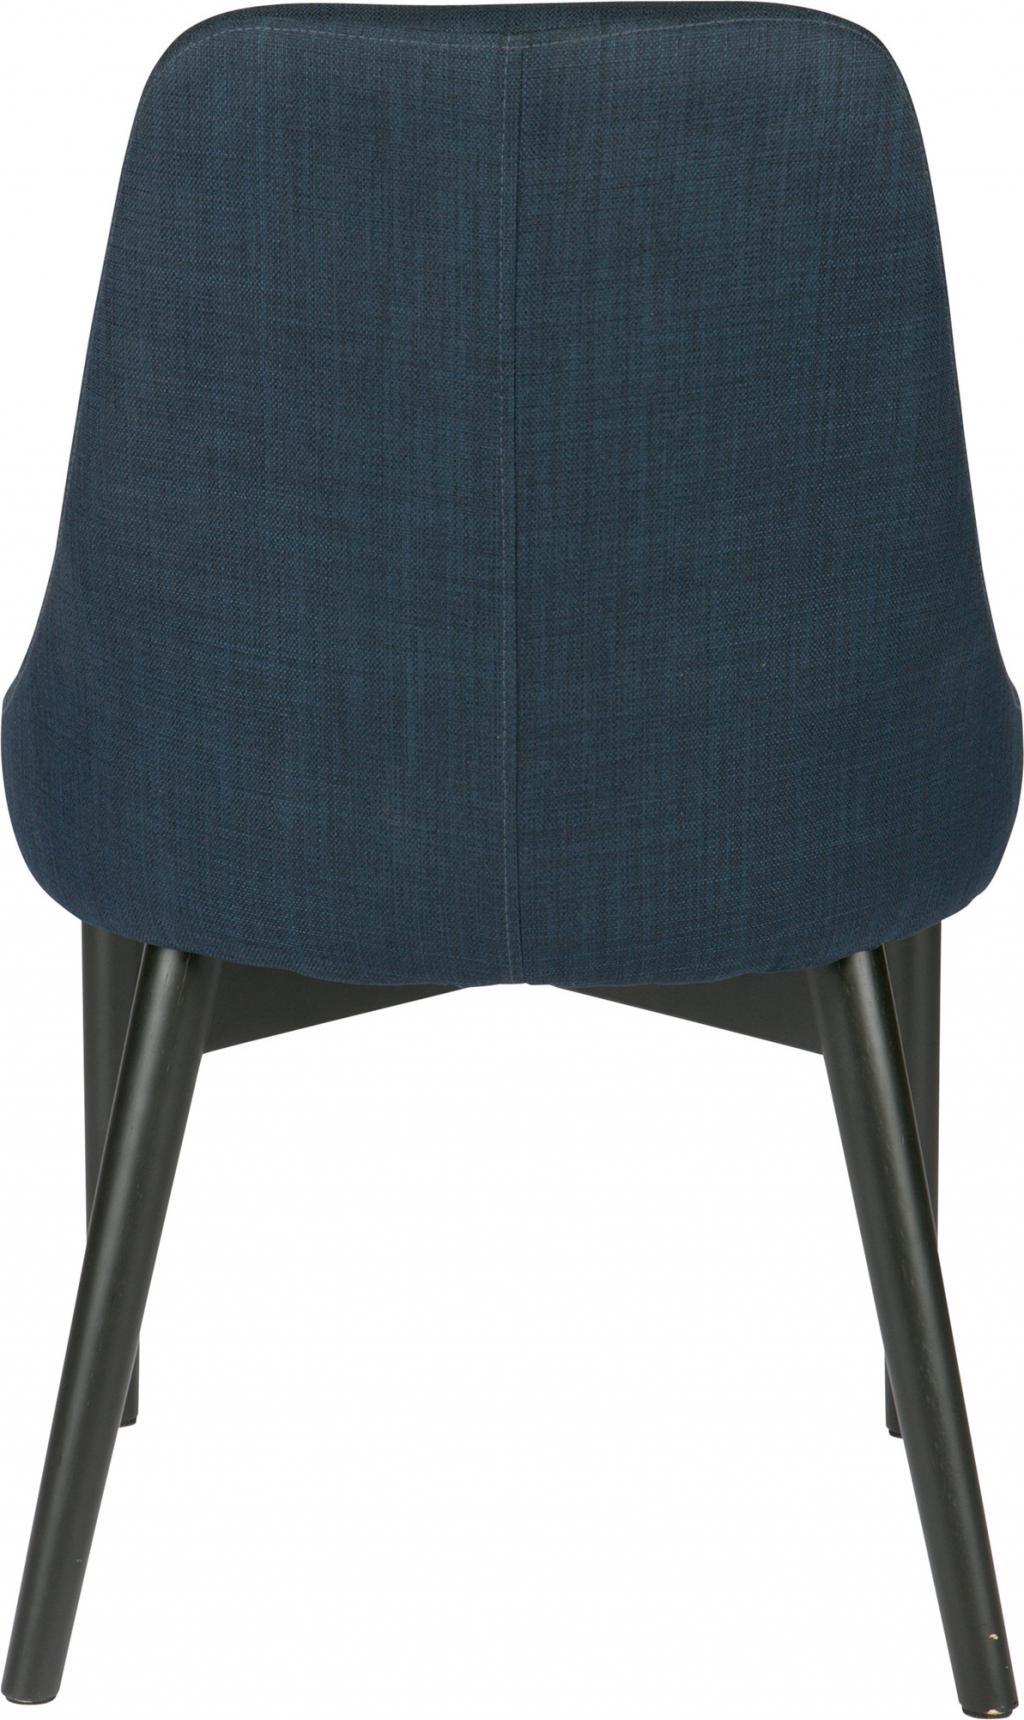 Esszimmerstuhl koen retro stoel blau woood kaufen - Retro esszimmerstuhl ...